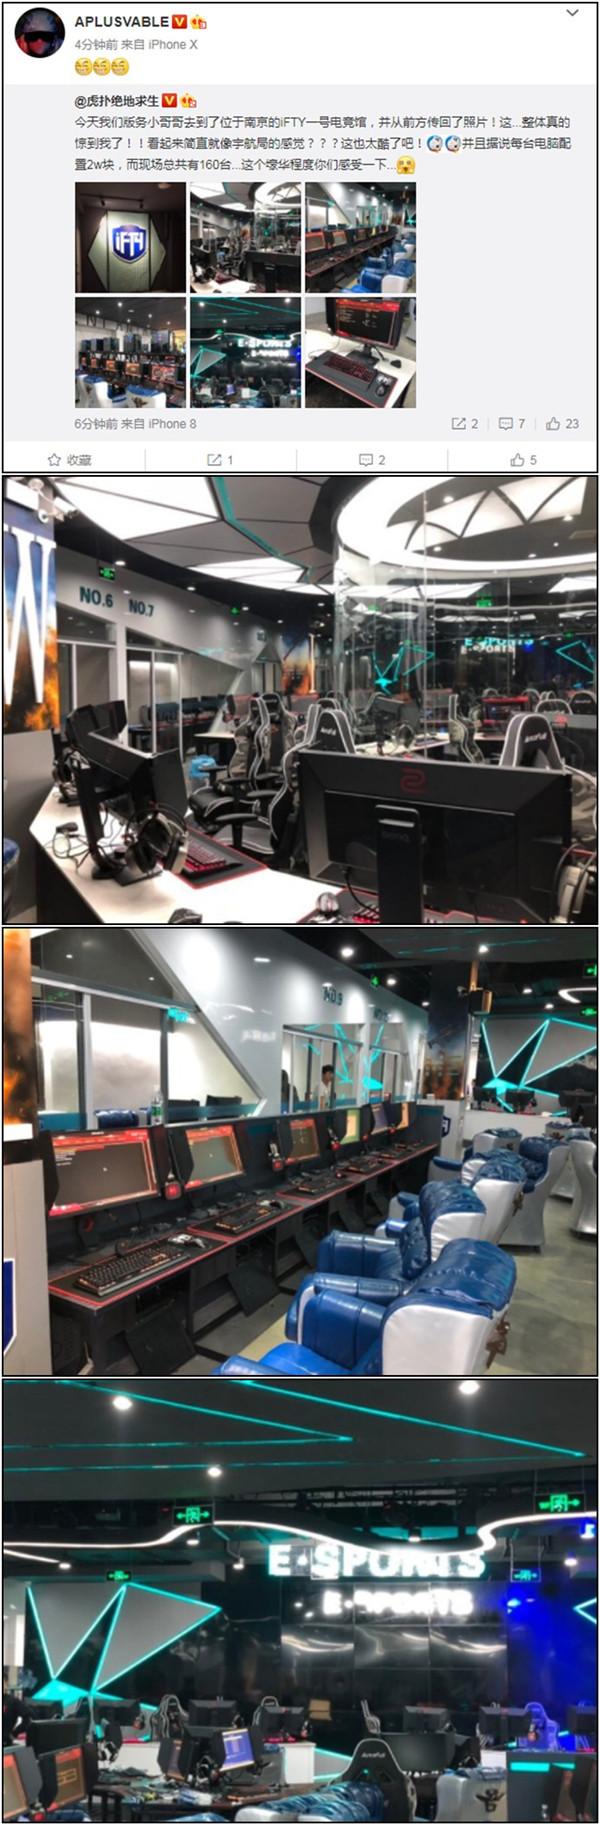 IFTY主题竞技馆,光电脑320万!